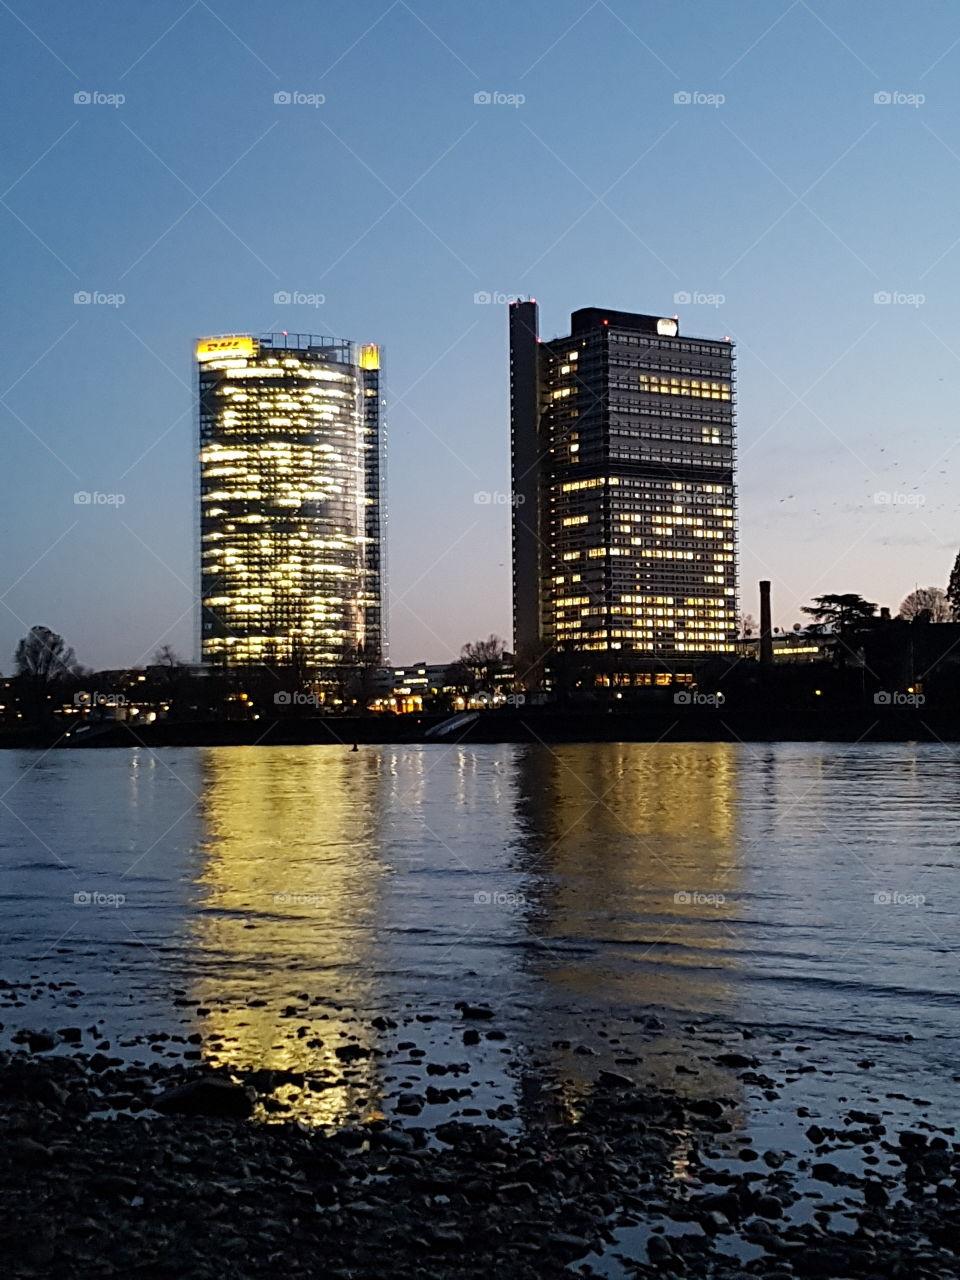 Post und Telekom  spiegeln im Rhein in Bonn